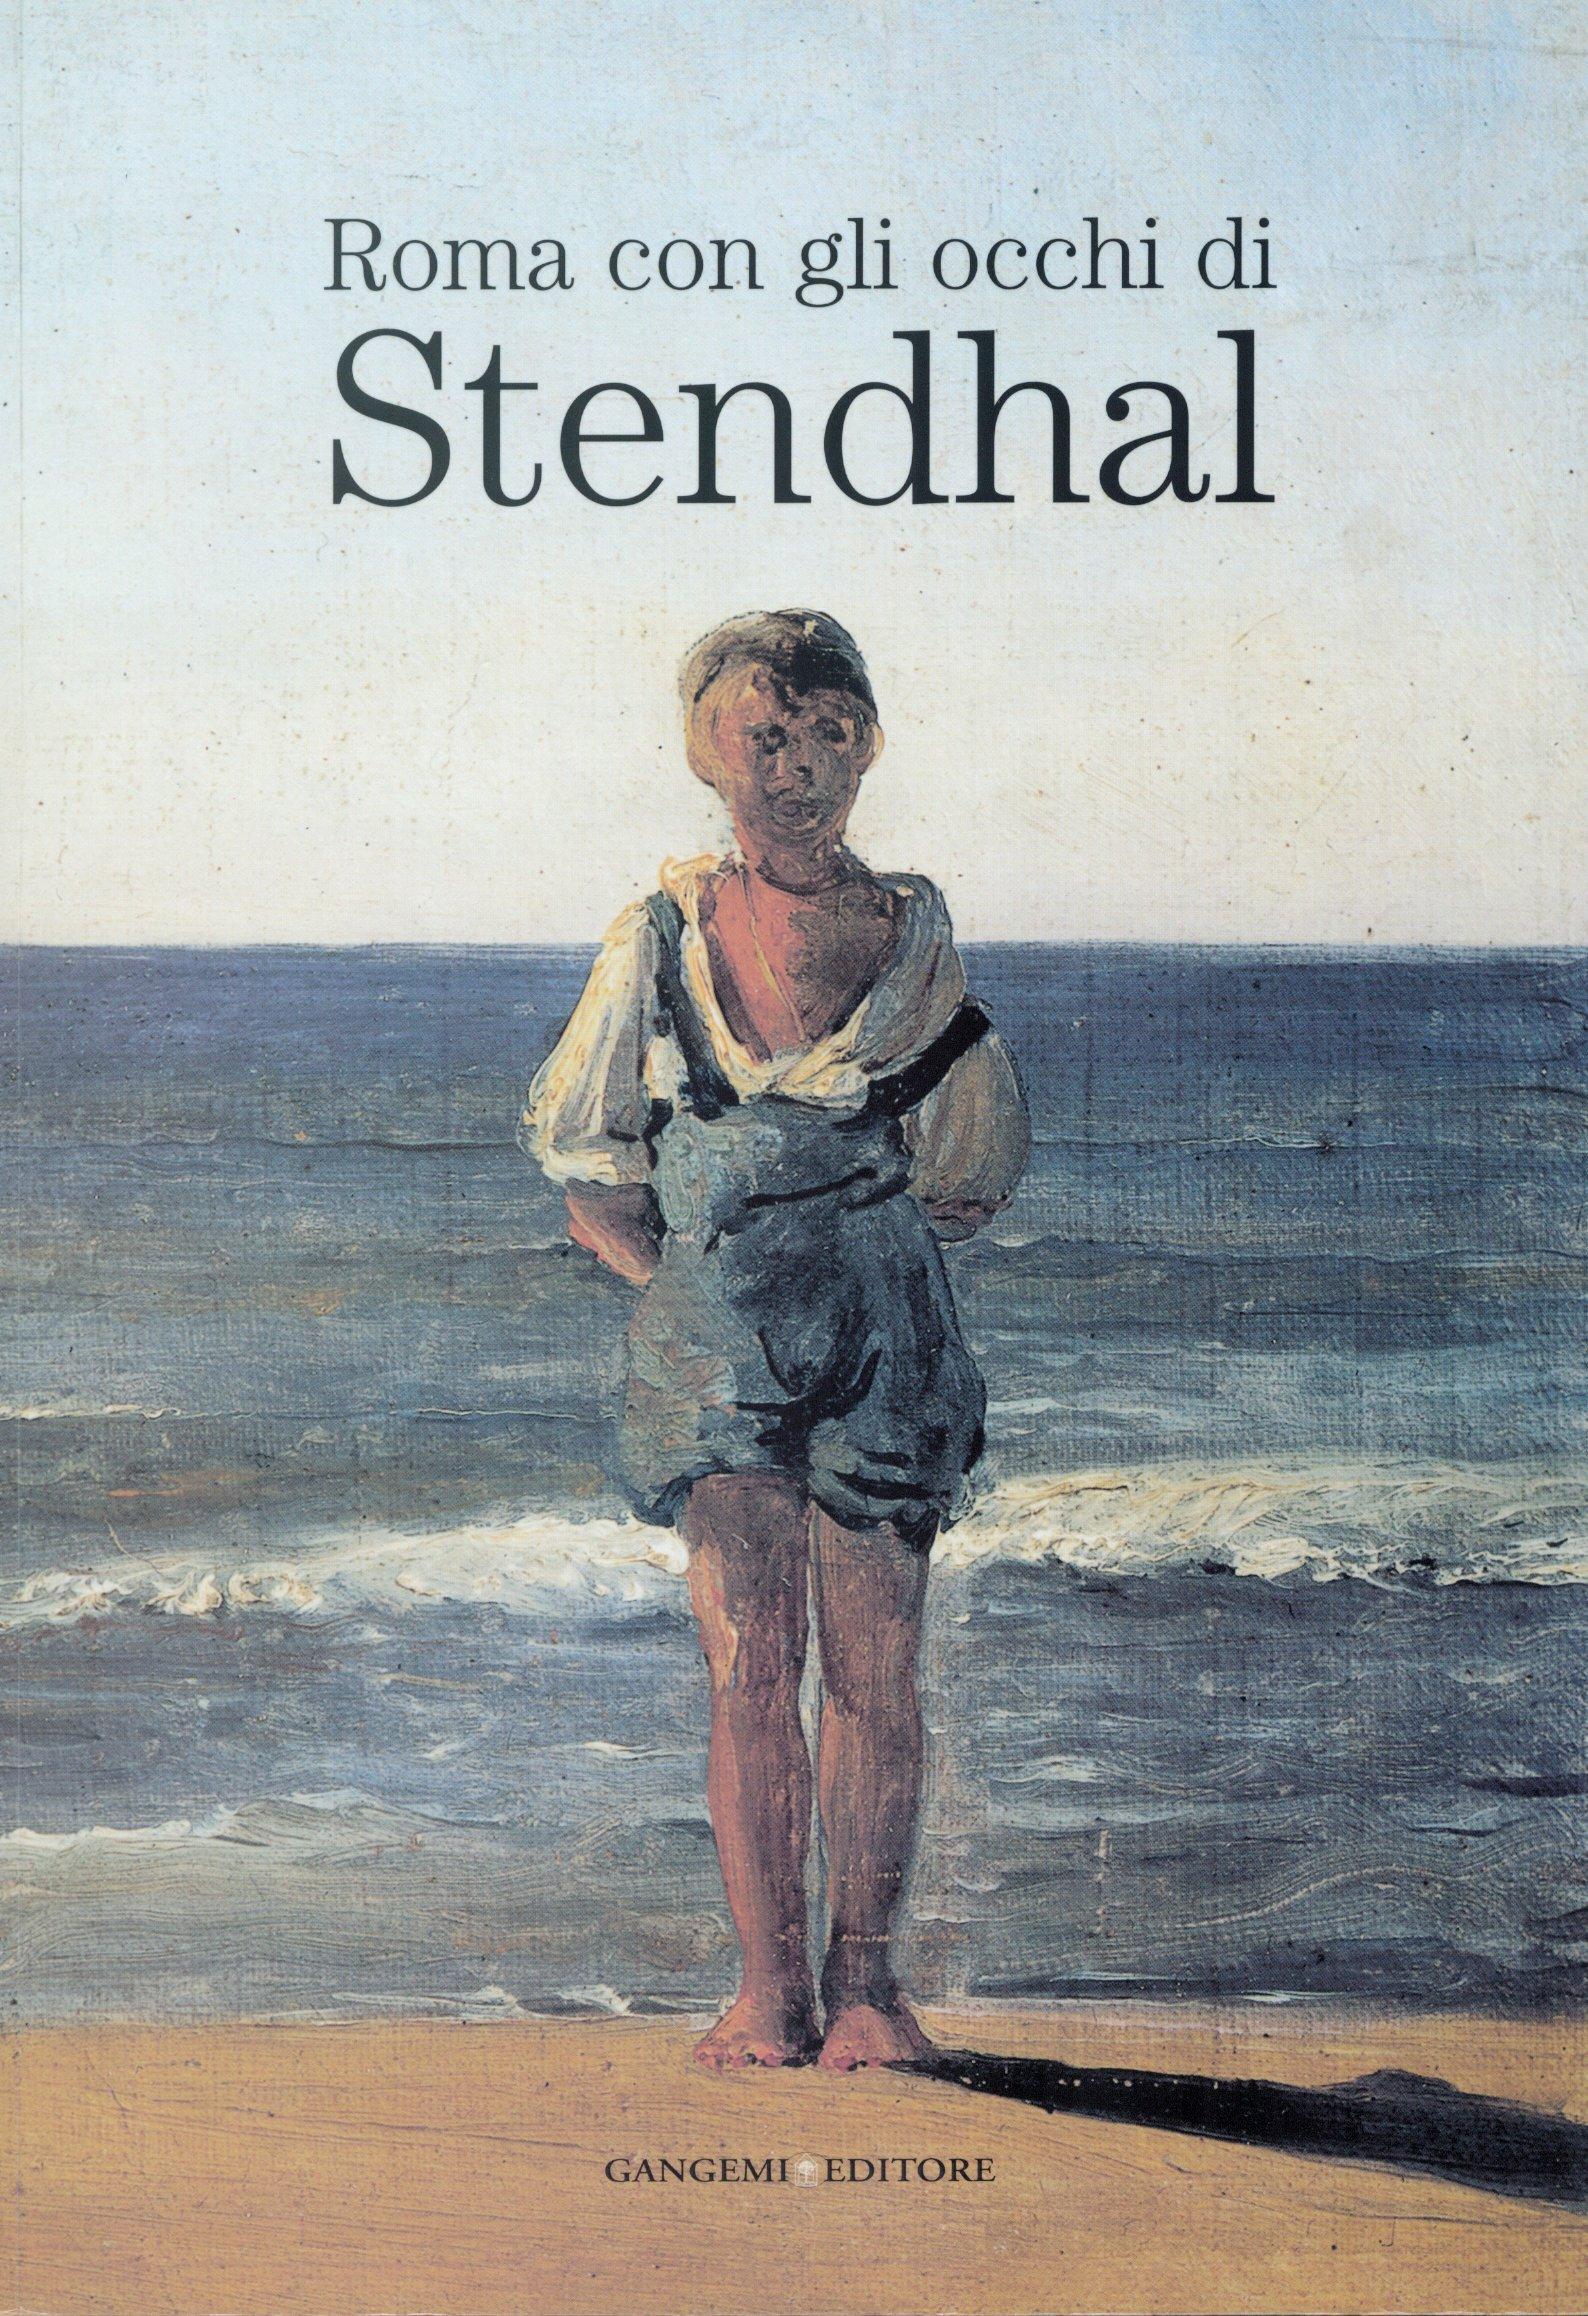 Roma con gli occhi di Stendhal